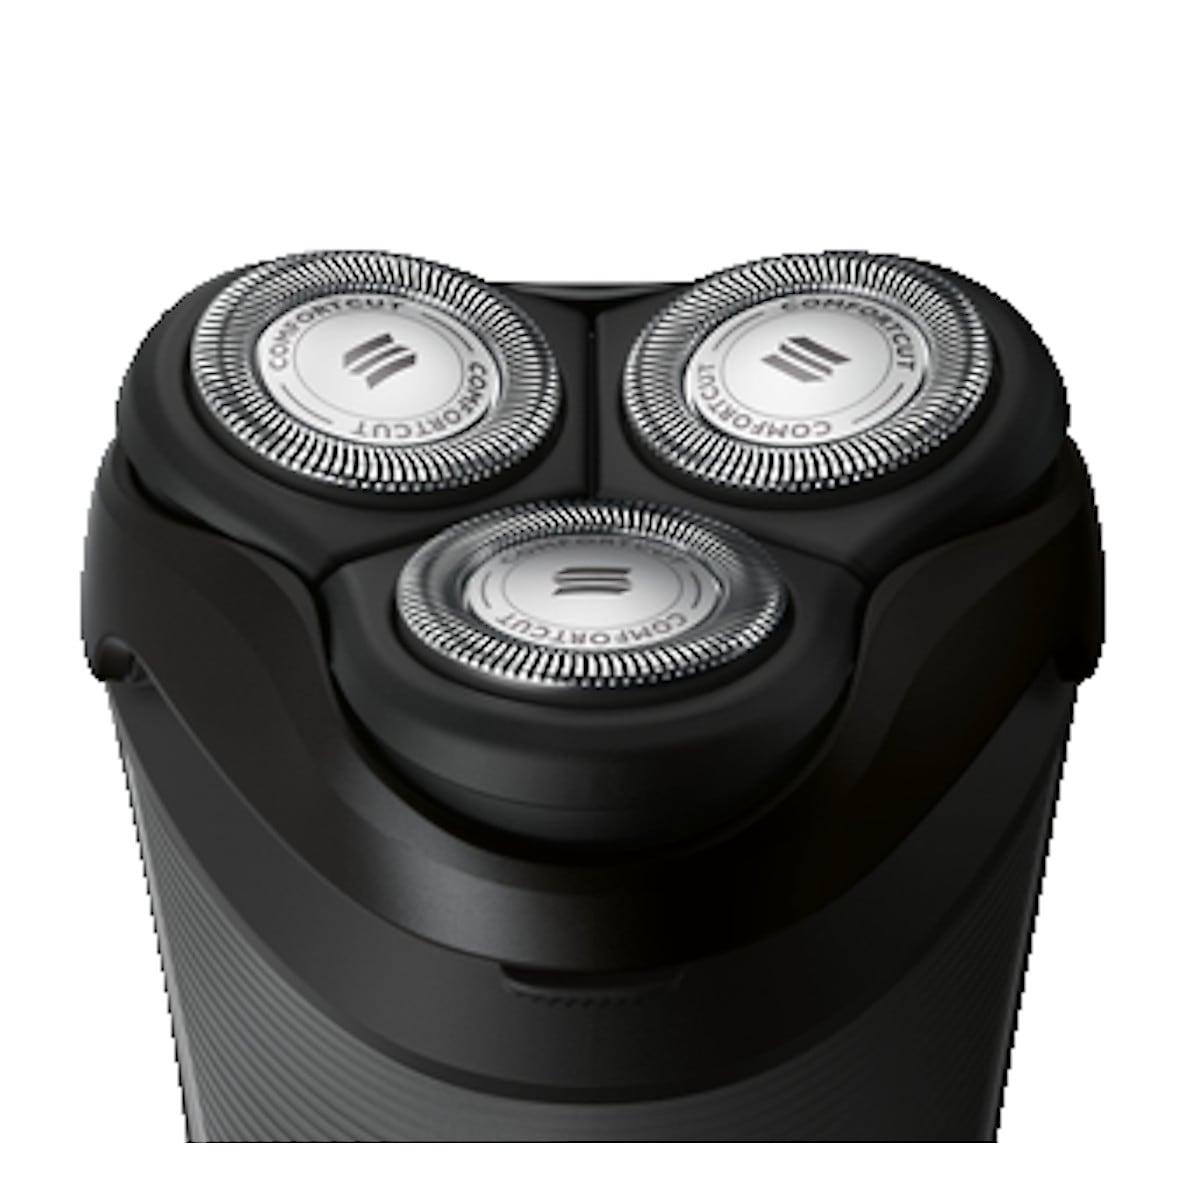 Philips S3110/41 barbermaskin + nese- og ørehårtrimmer NT1150